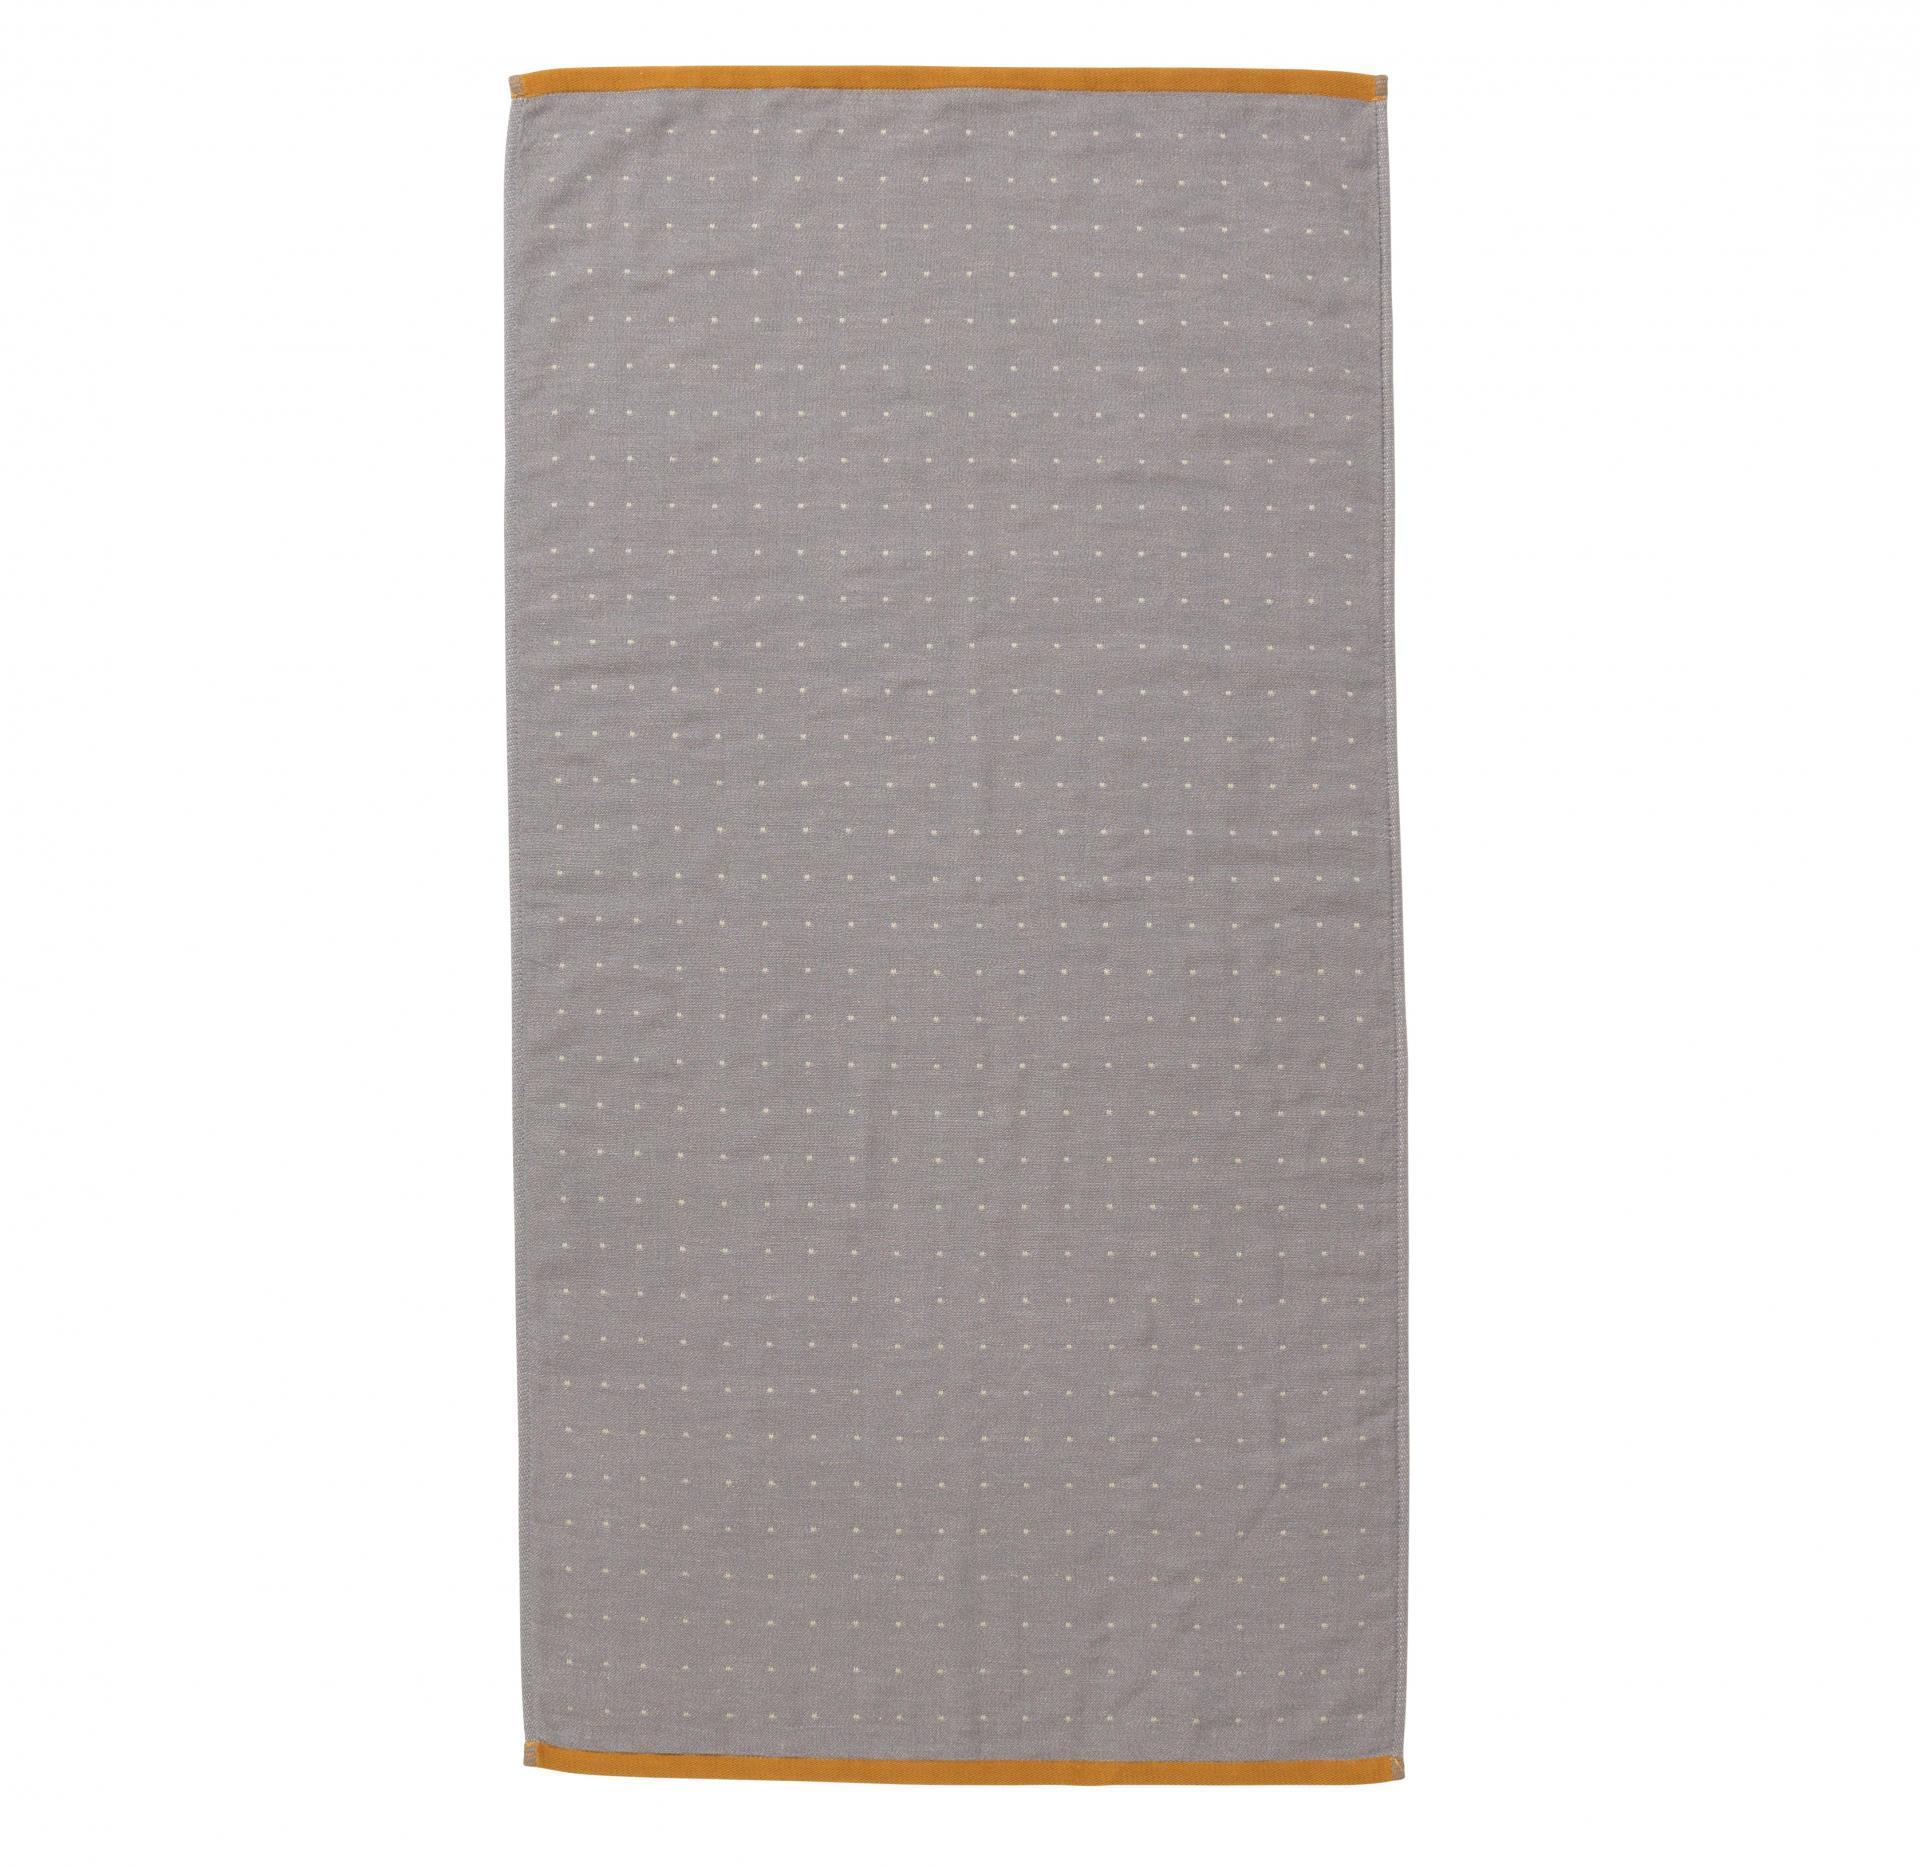 ferm LIVING Ručník Sento Grey 50x100 cm, šedá barva, textil